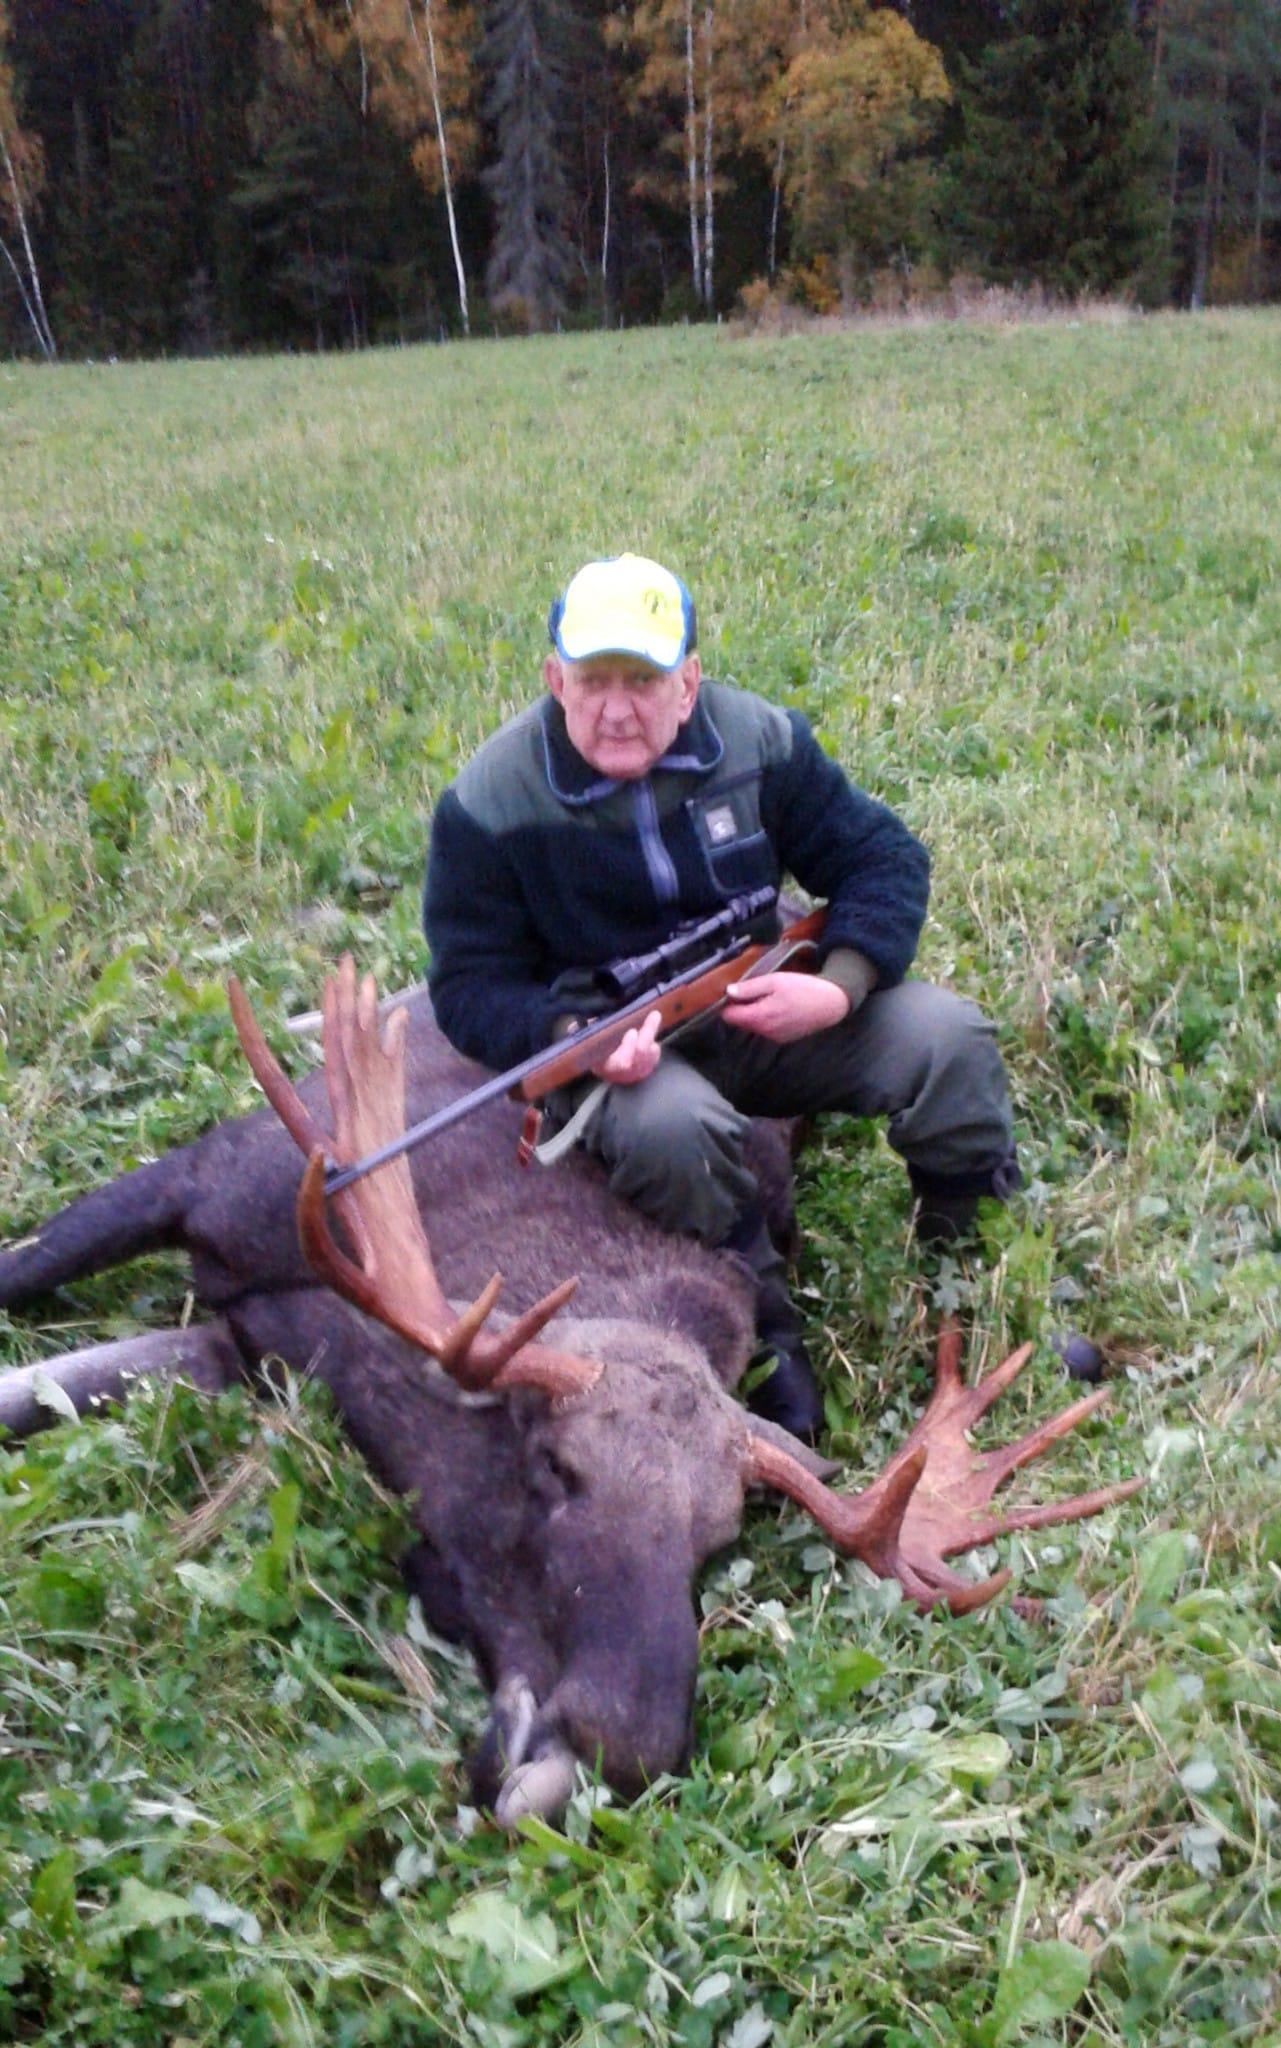 Rune Westman firade sitt 50-årsjubileum i Frebbenbo jaktlag med att fälla denna ståtliga älgtjur, den största i jaktlagets historia. Foto: Privat